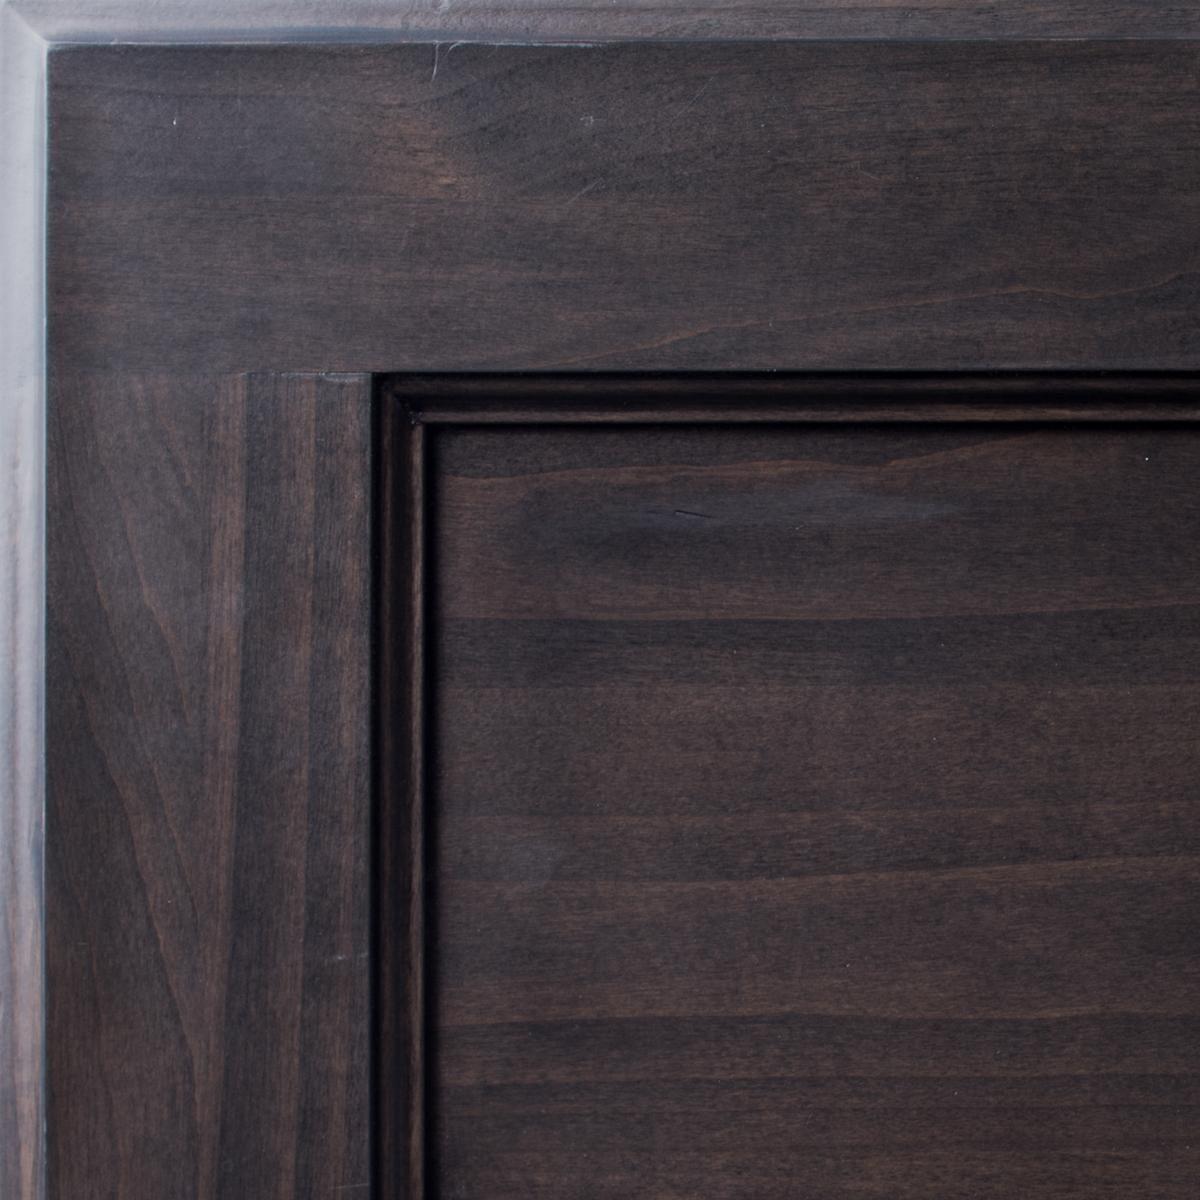 Starmark Slatewithebonyglaze Medina Alder Cabinets Product Royal1 Square, Paneling Factory Of Virginia